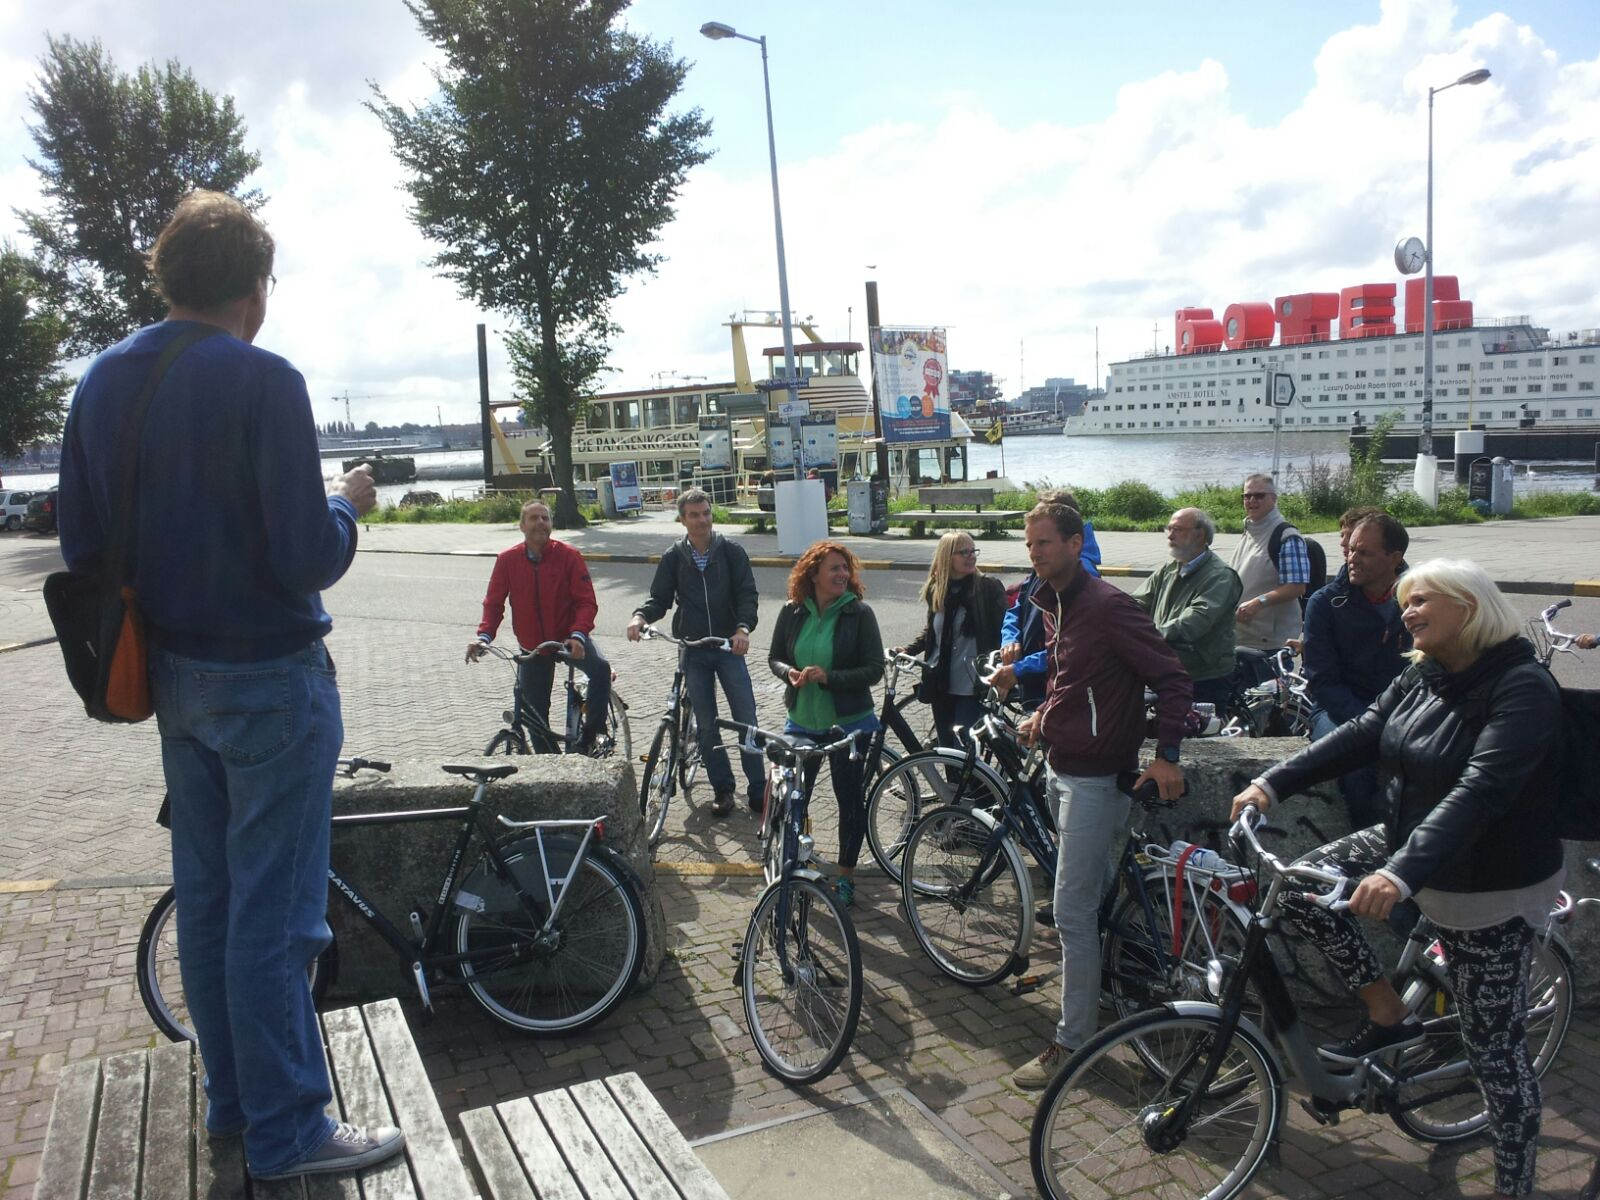 Bedrijfsuitje_Amsterdam_NDSM_fietstocht